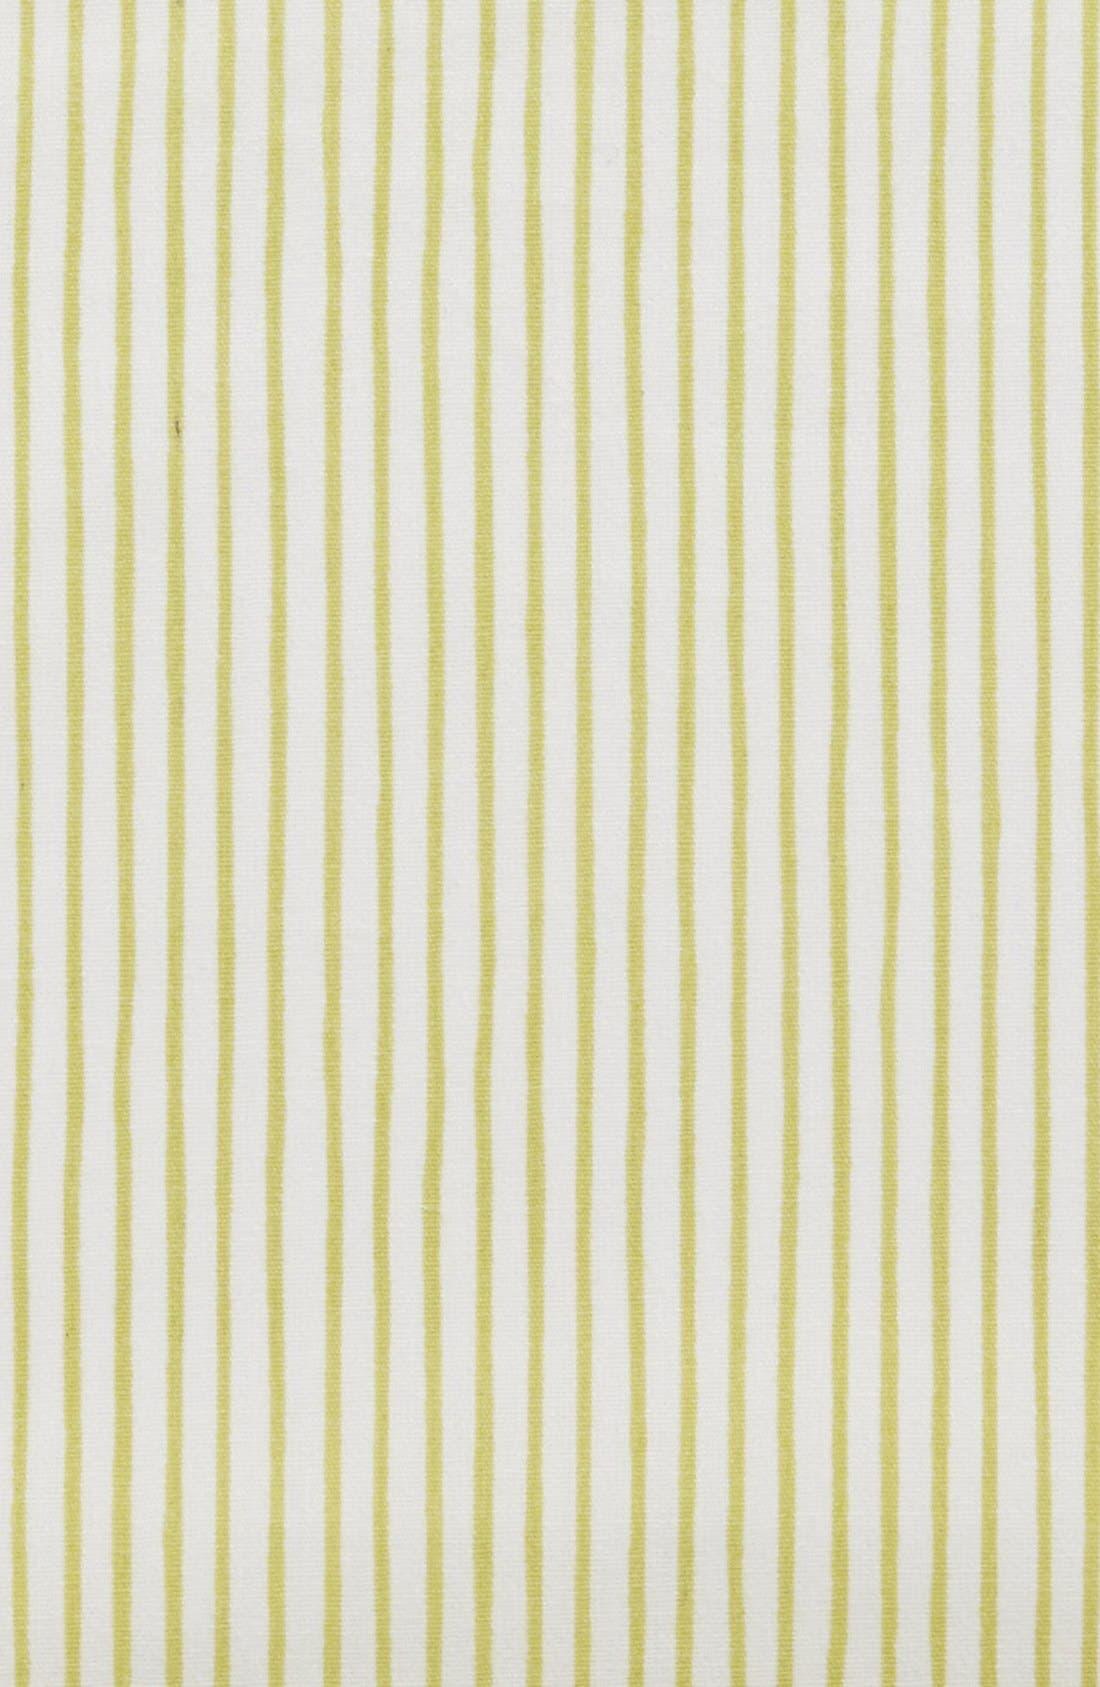 Pencil Stripe Crib Sheet,                             Alternate thumbnail 2, color,                             Citron